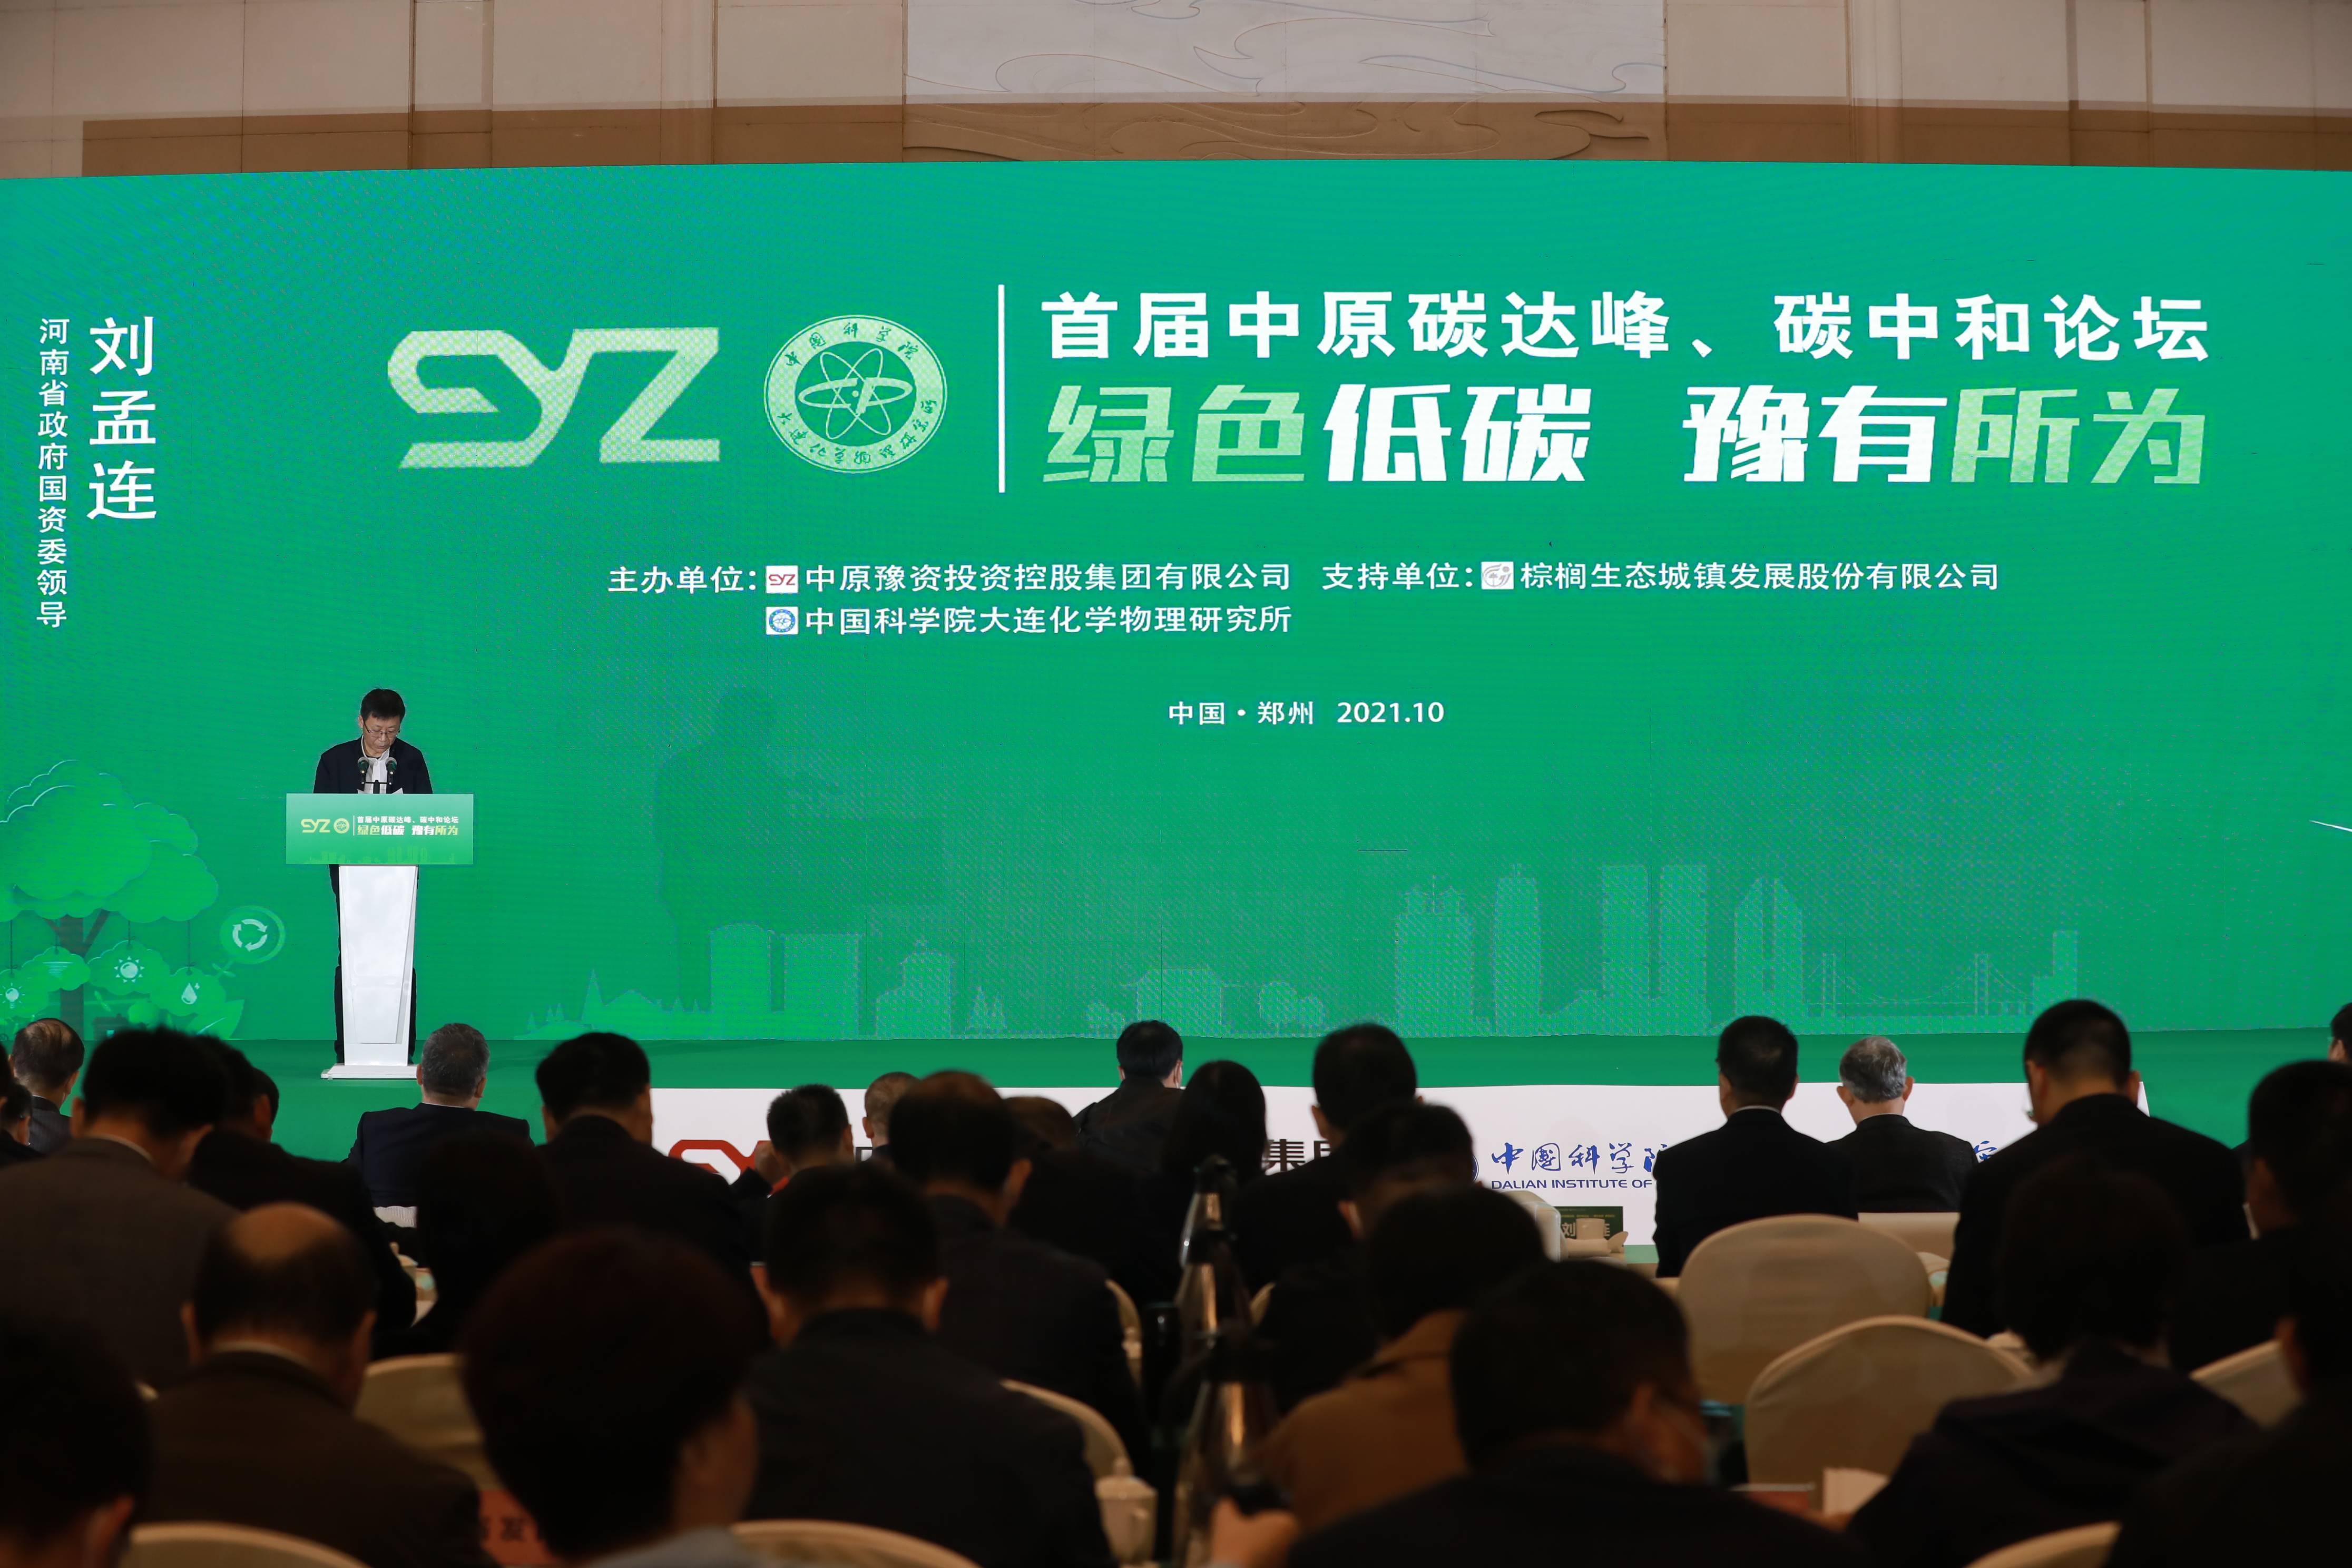 绿色低碳,豫有所为——首届中原碳达峰、碳中和论坛在郑州隆重举行